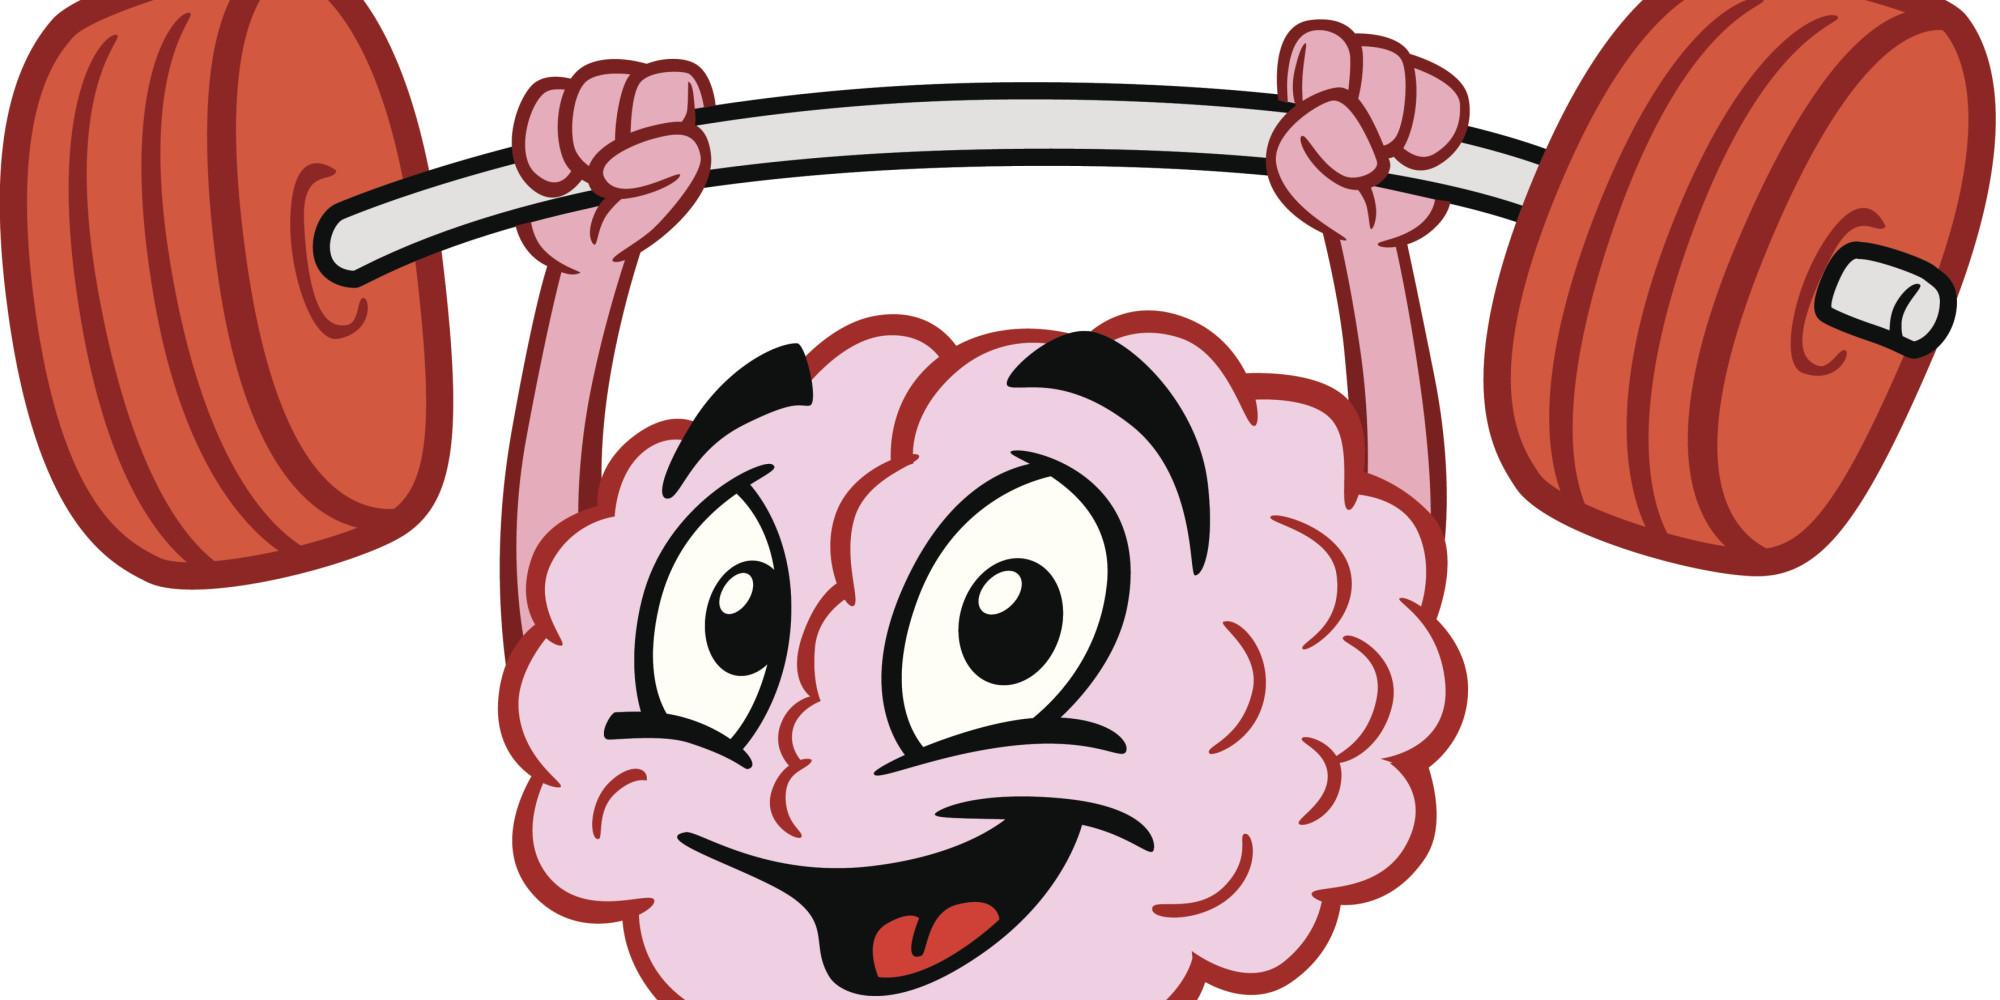 2000x1000 Brain Clipart Animated